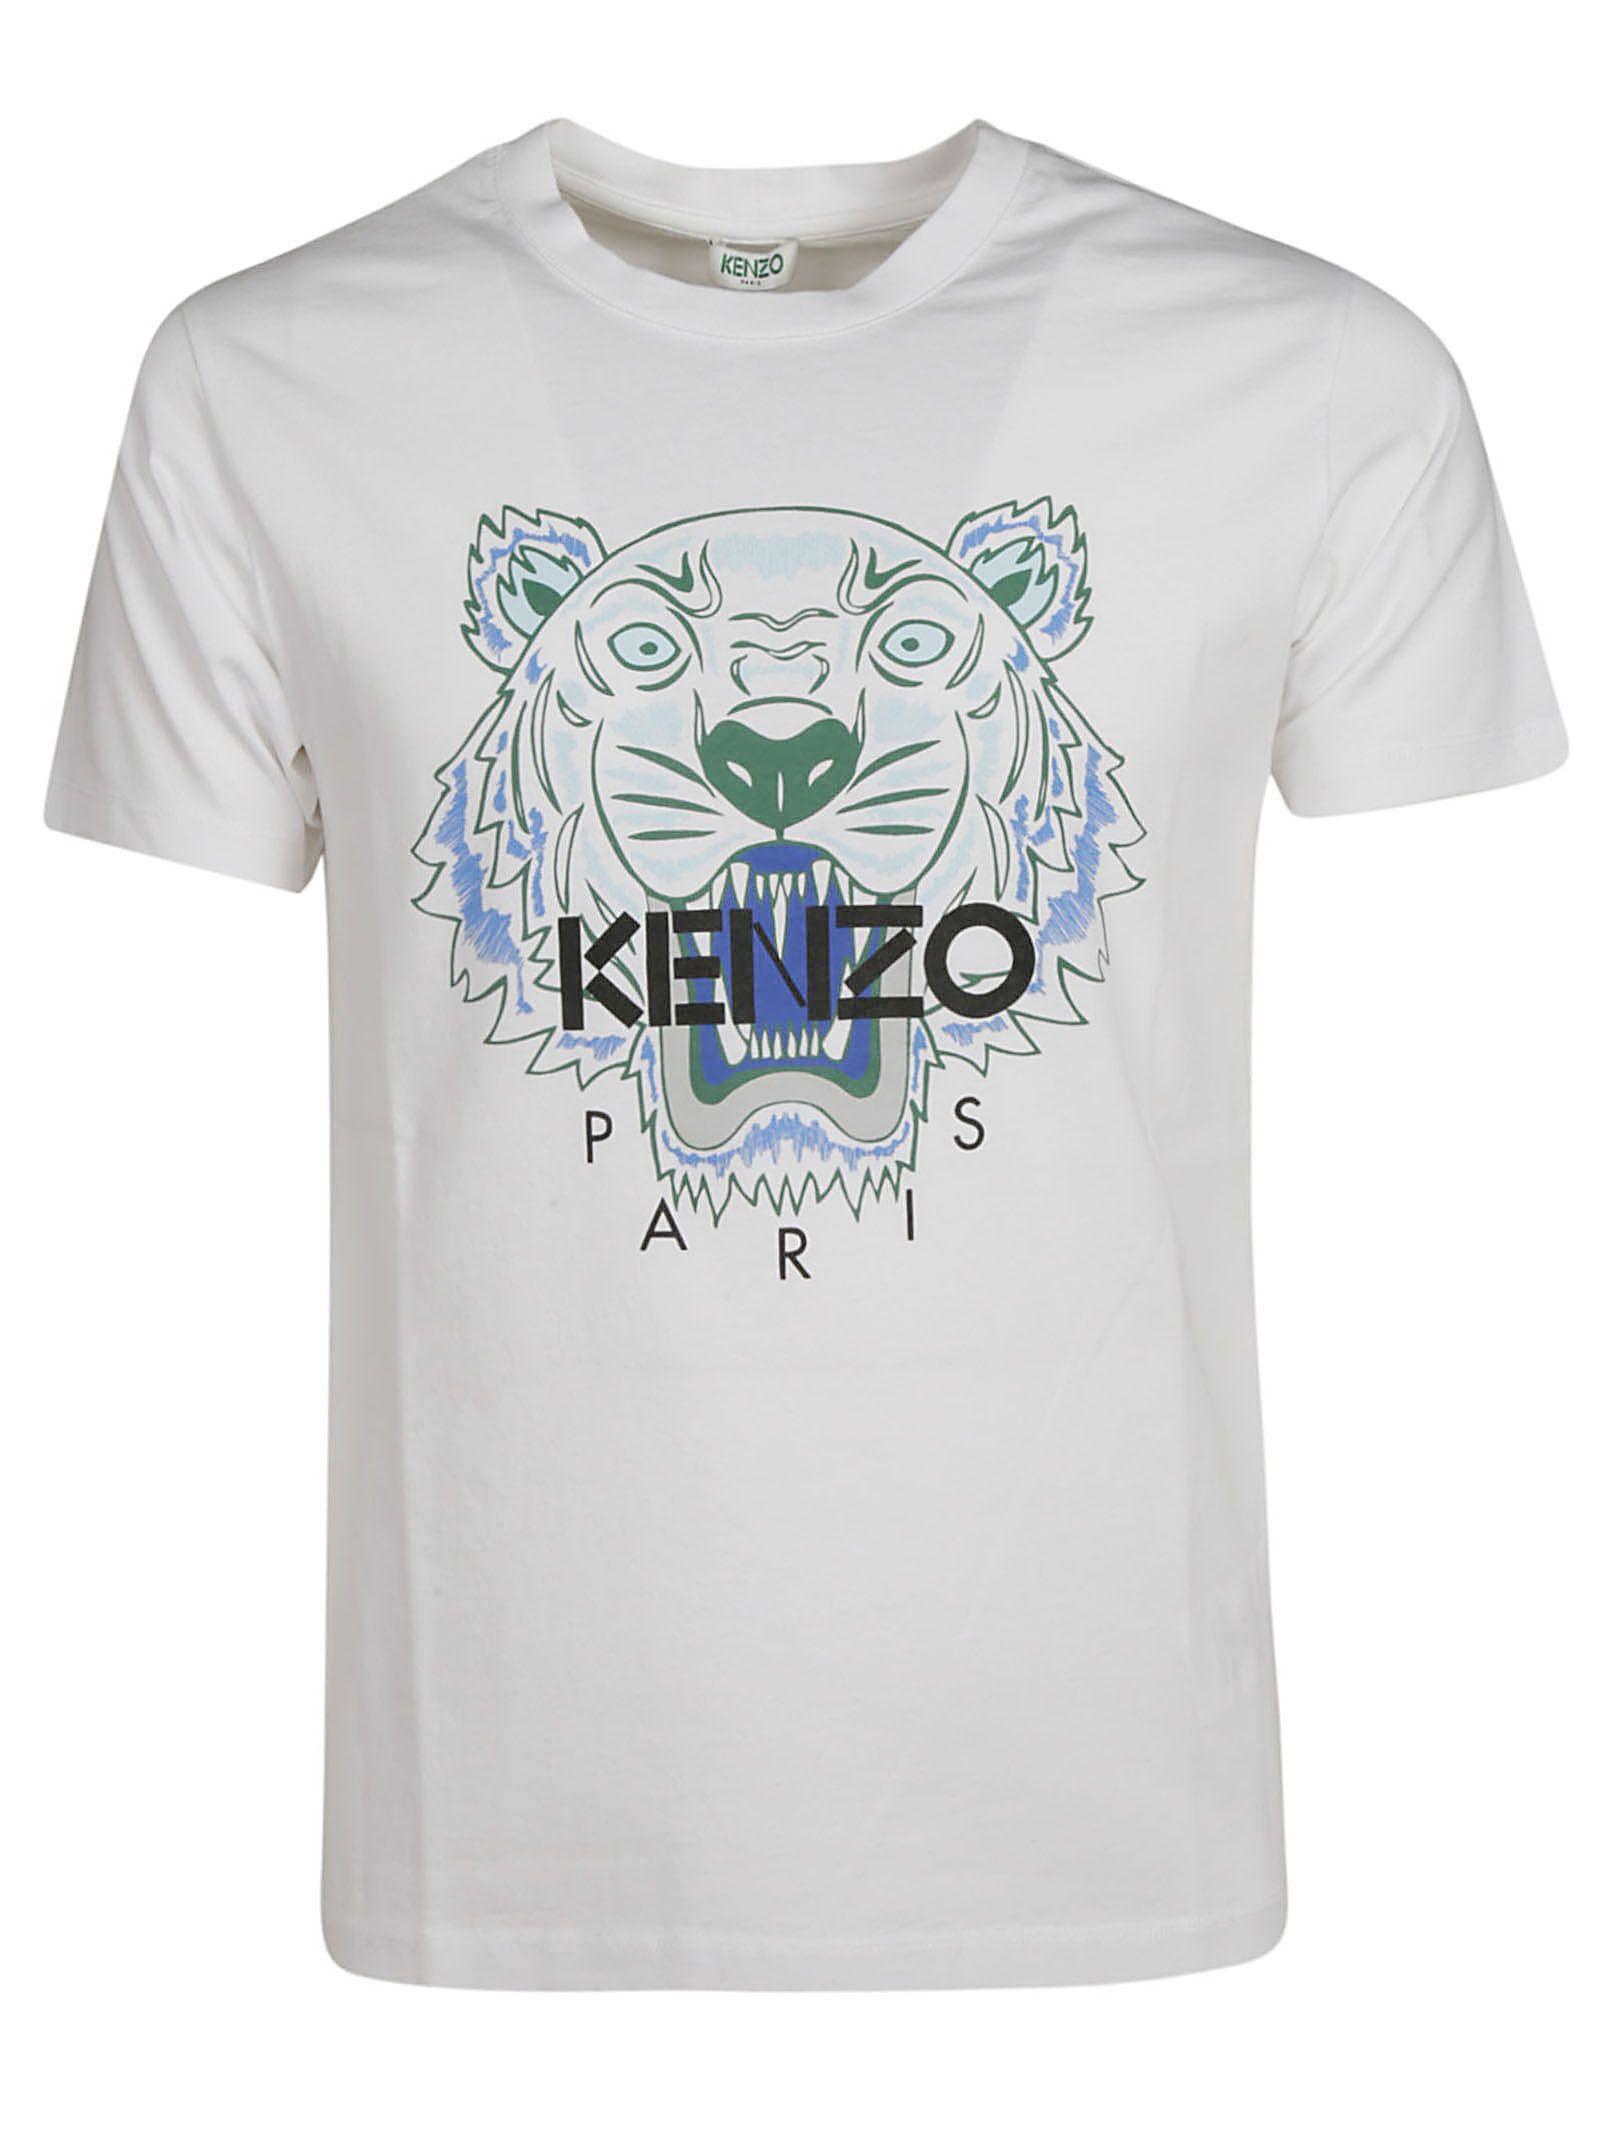 Kenzo Kenzo Tiger Print T-shirt - white - 10856139  be1a1d0a8